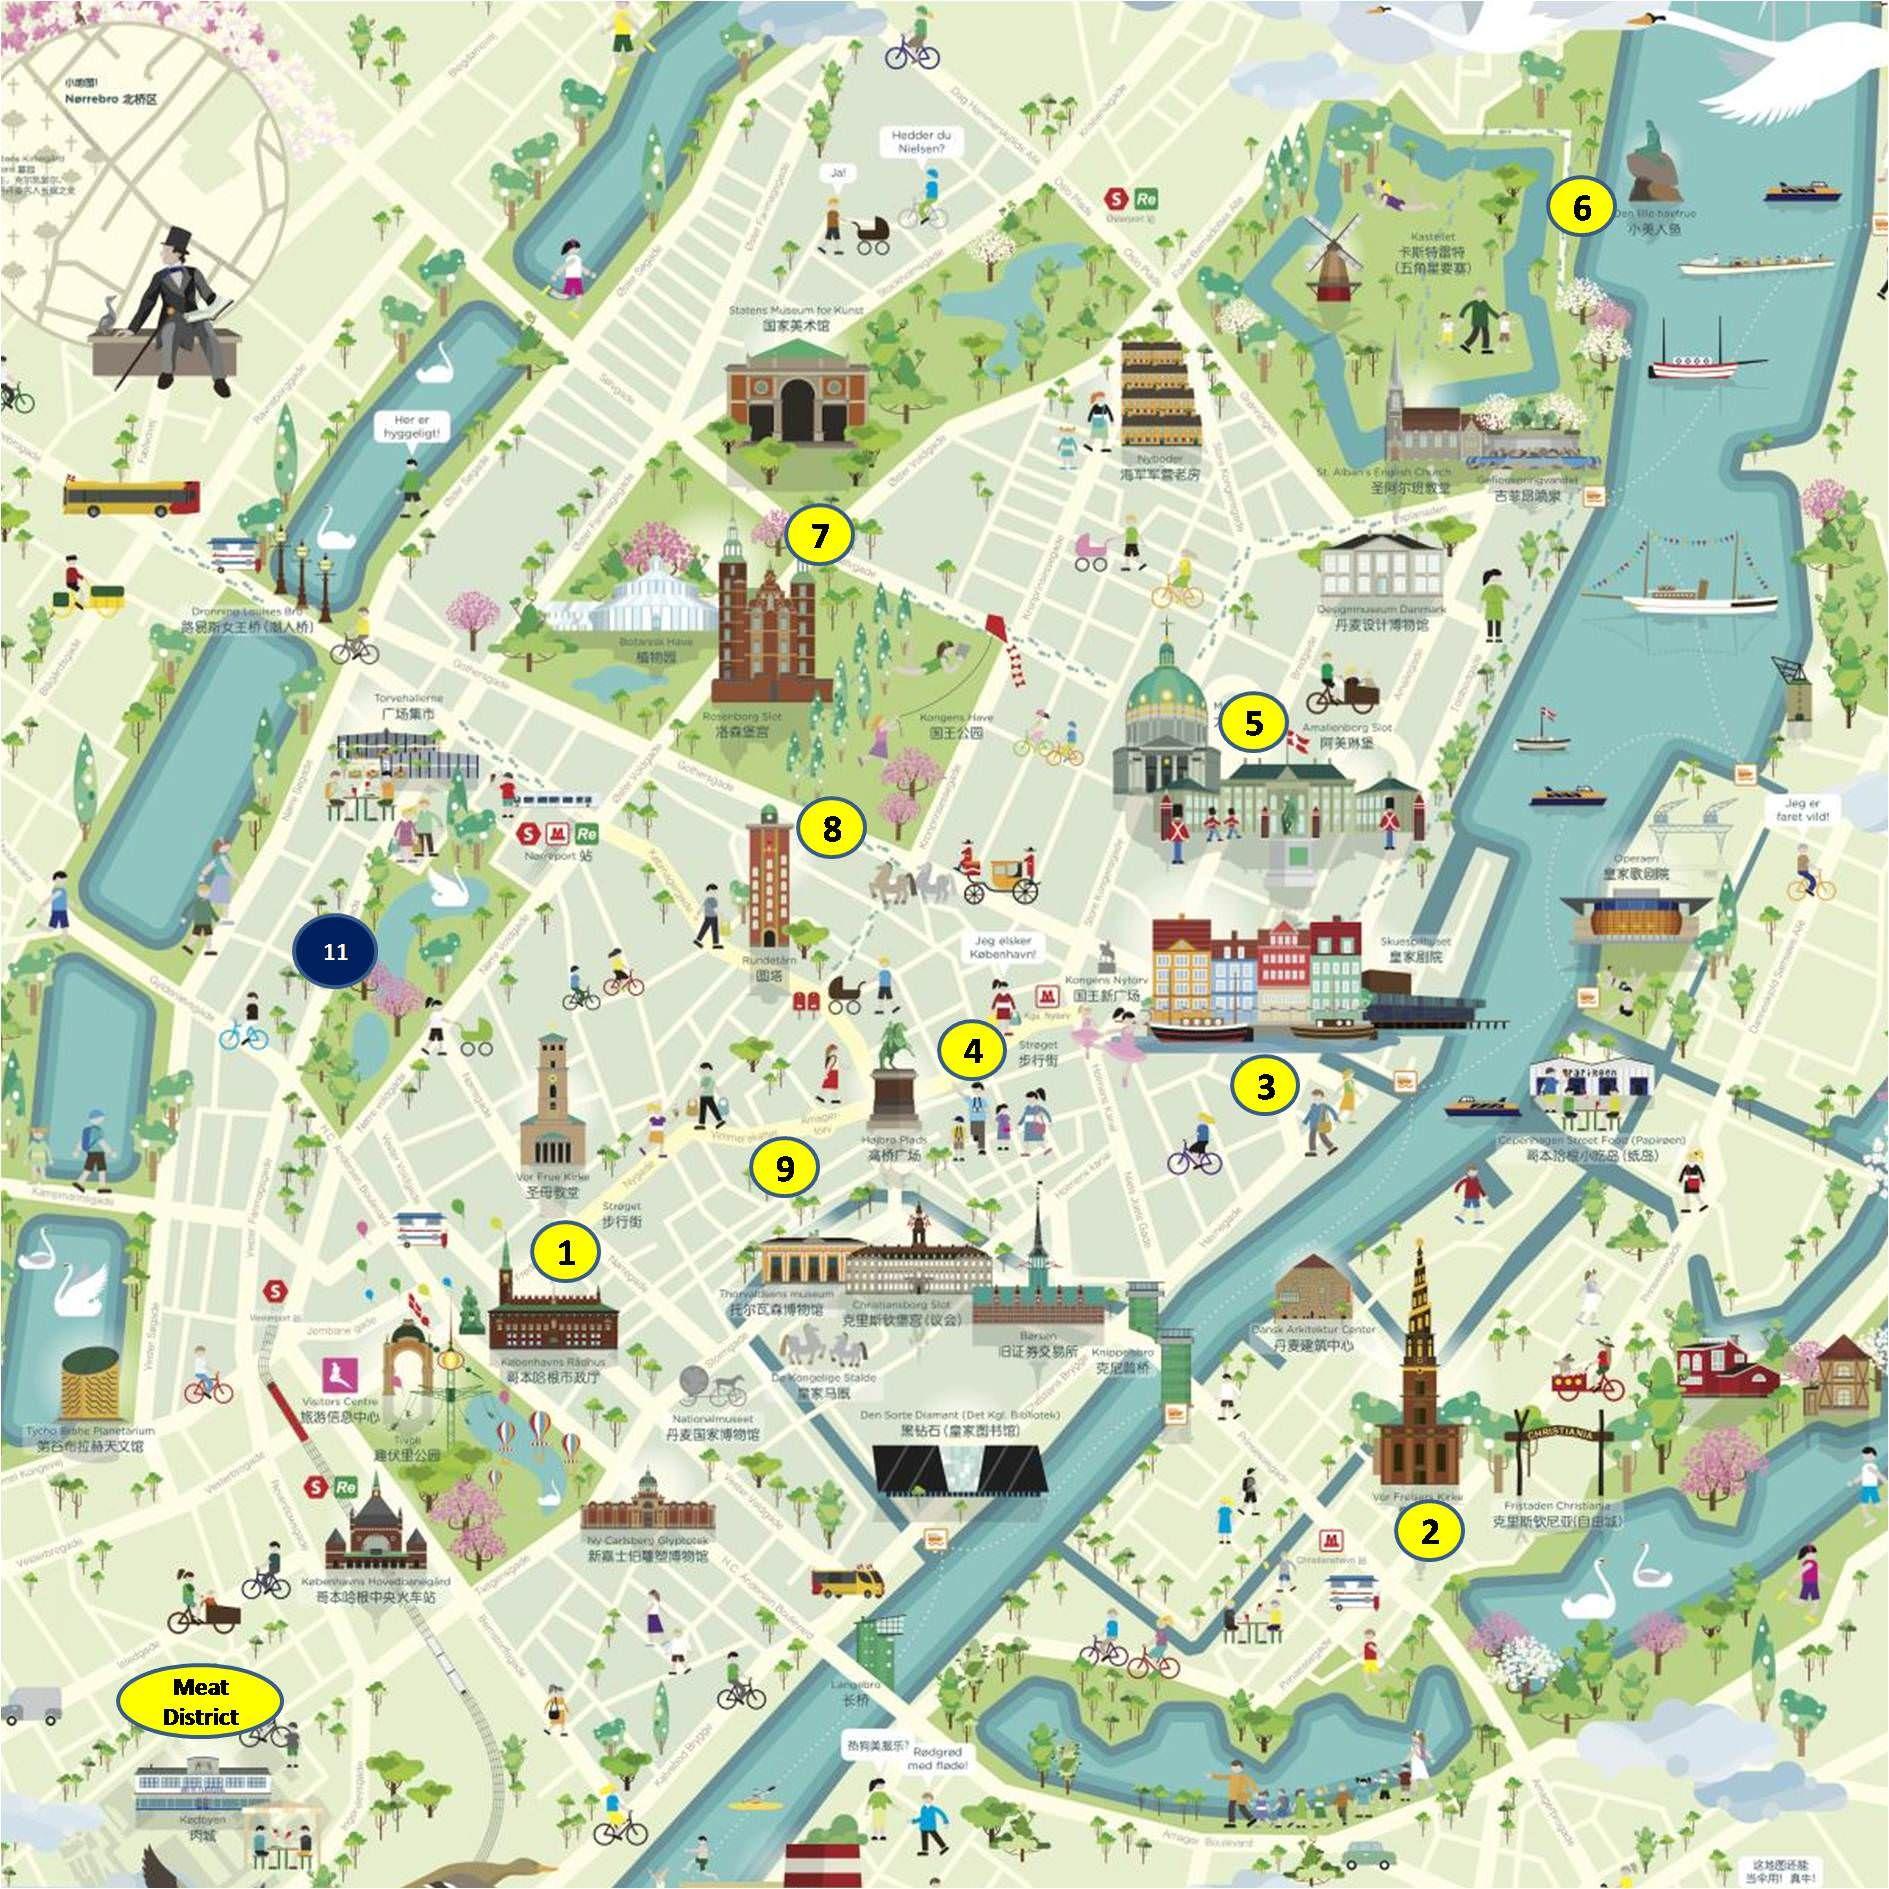 Mapa Turistico De Copenhague.Mapa De Turismo De Copenhague En 2019 Copenhague